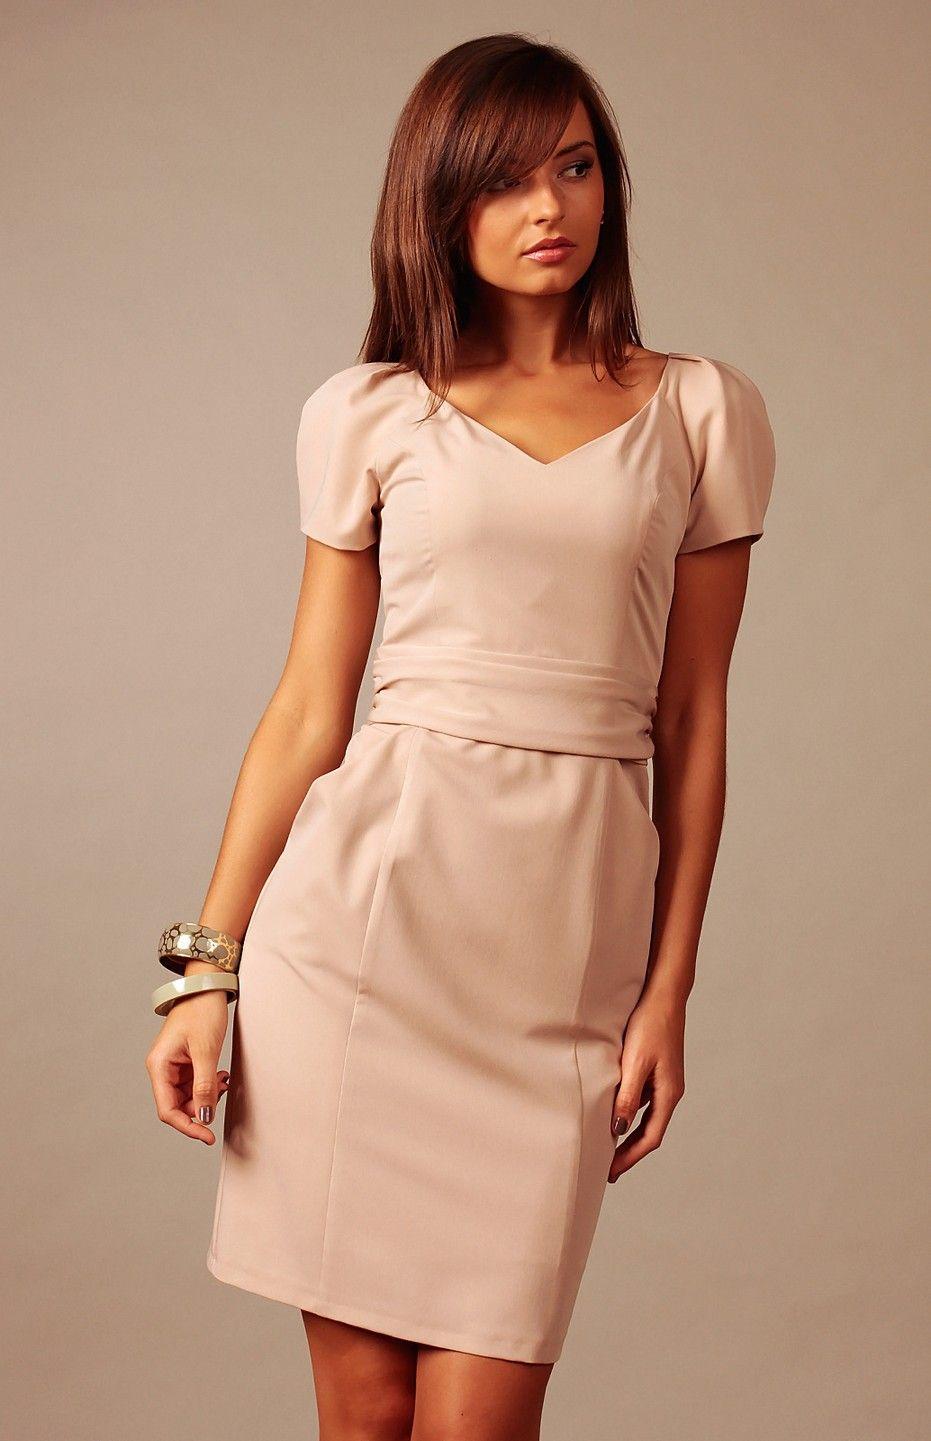 7a56fefac0d Petite robe beige charmante et polyvalente.